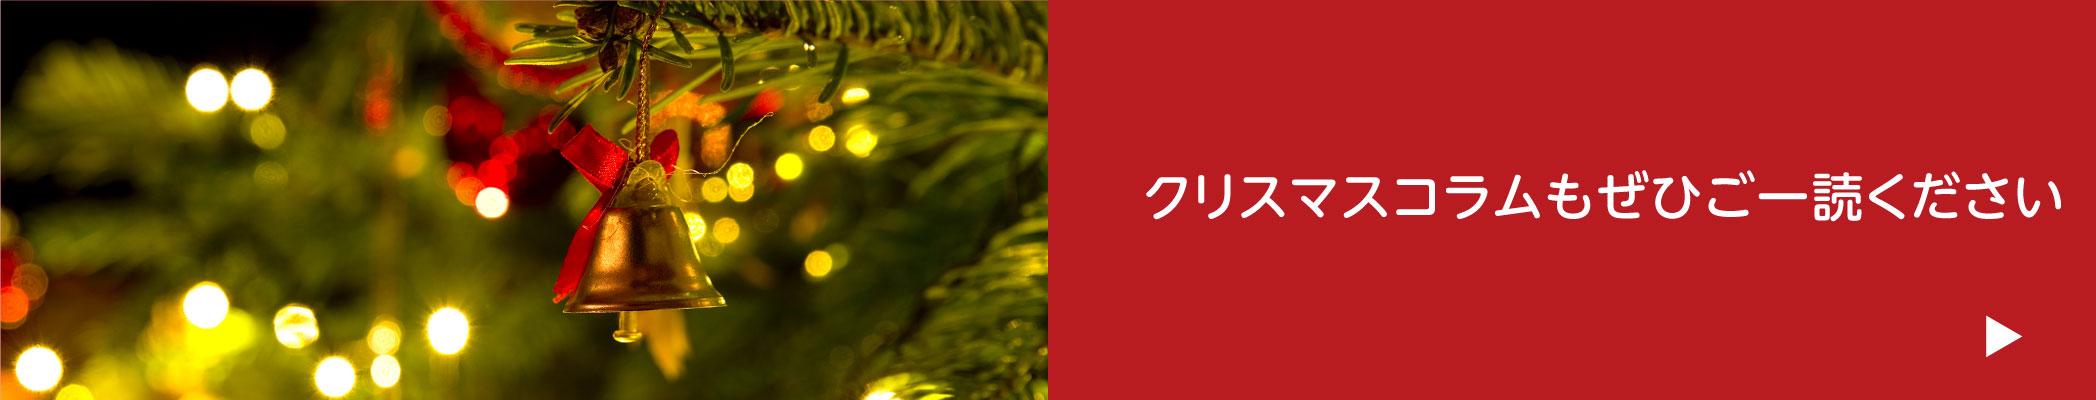 クリスマスチキン通販コラム